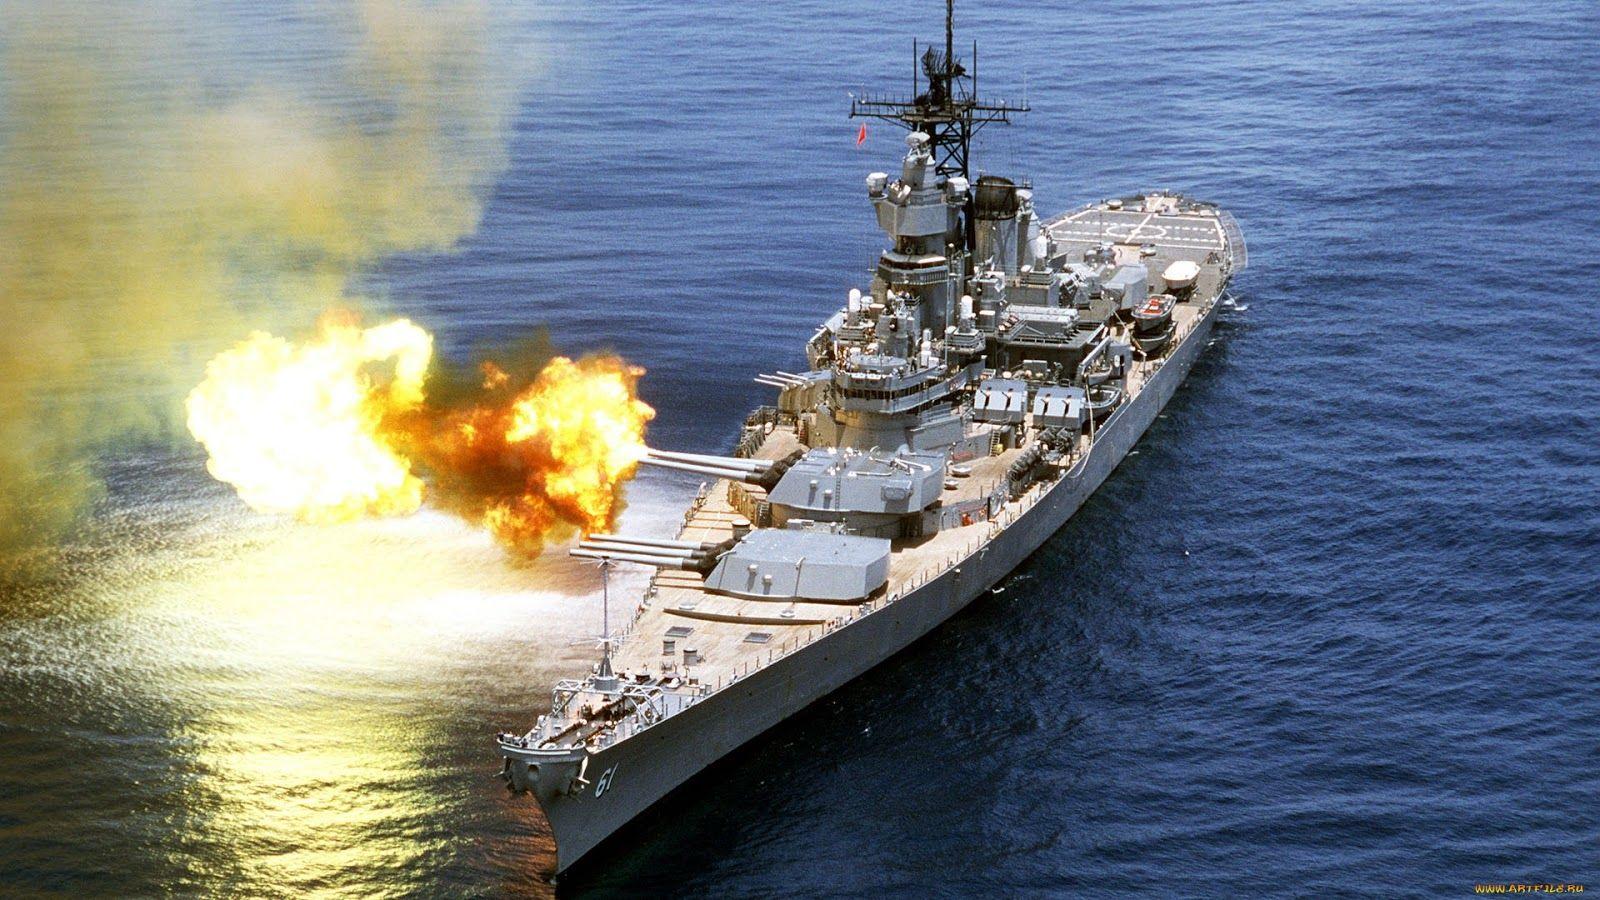 Россия открыла предупредительный огонь по эсминцу Великобритании в Черном море: Су-24М сбросил 4 бомбы